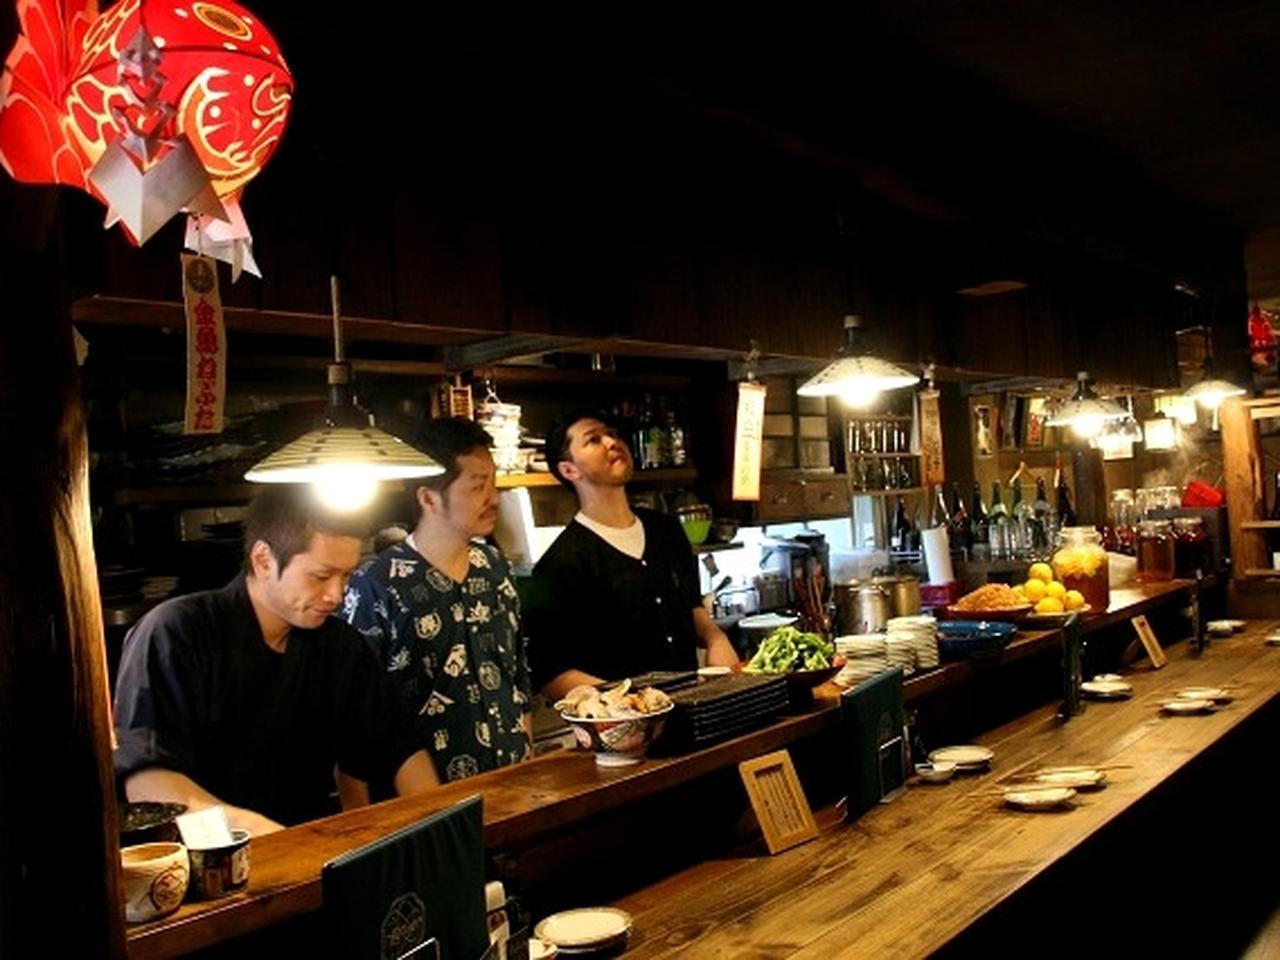 画像: 木目を活かした手作り感満載の店舗。親方の長尾一寿さんは、青森県弘前市の出身。東京で修業を積んで、仙台で店舗を開いたそう。